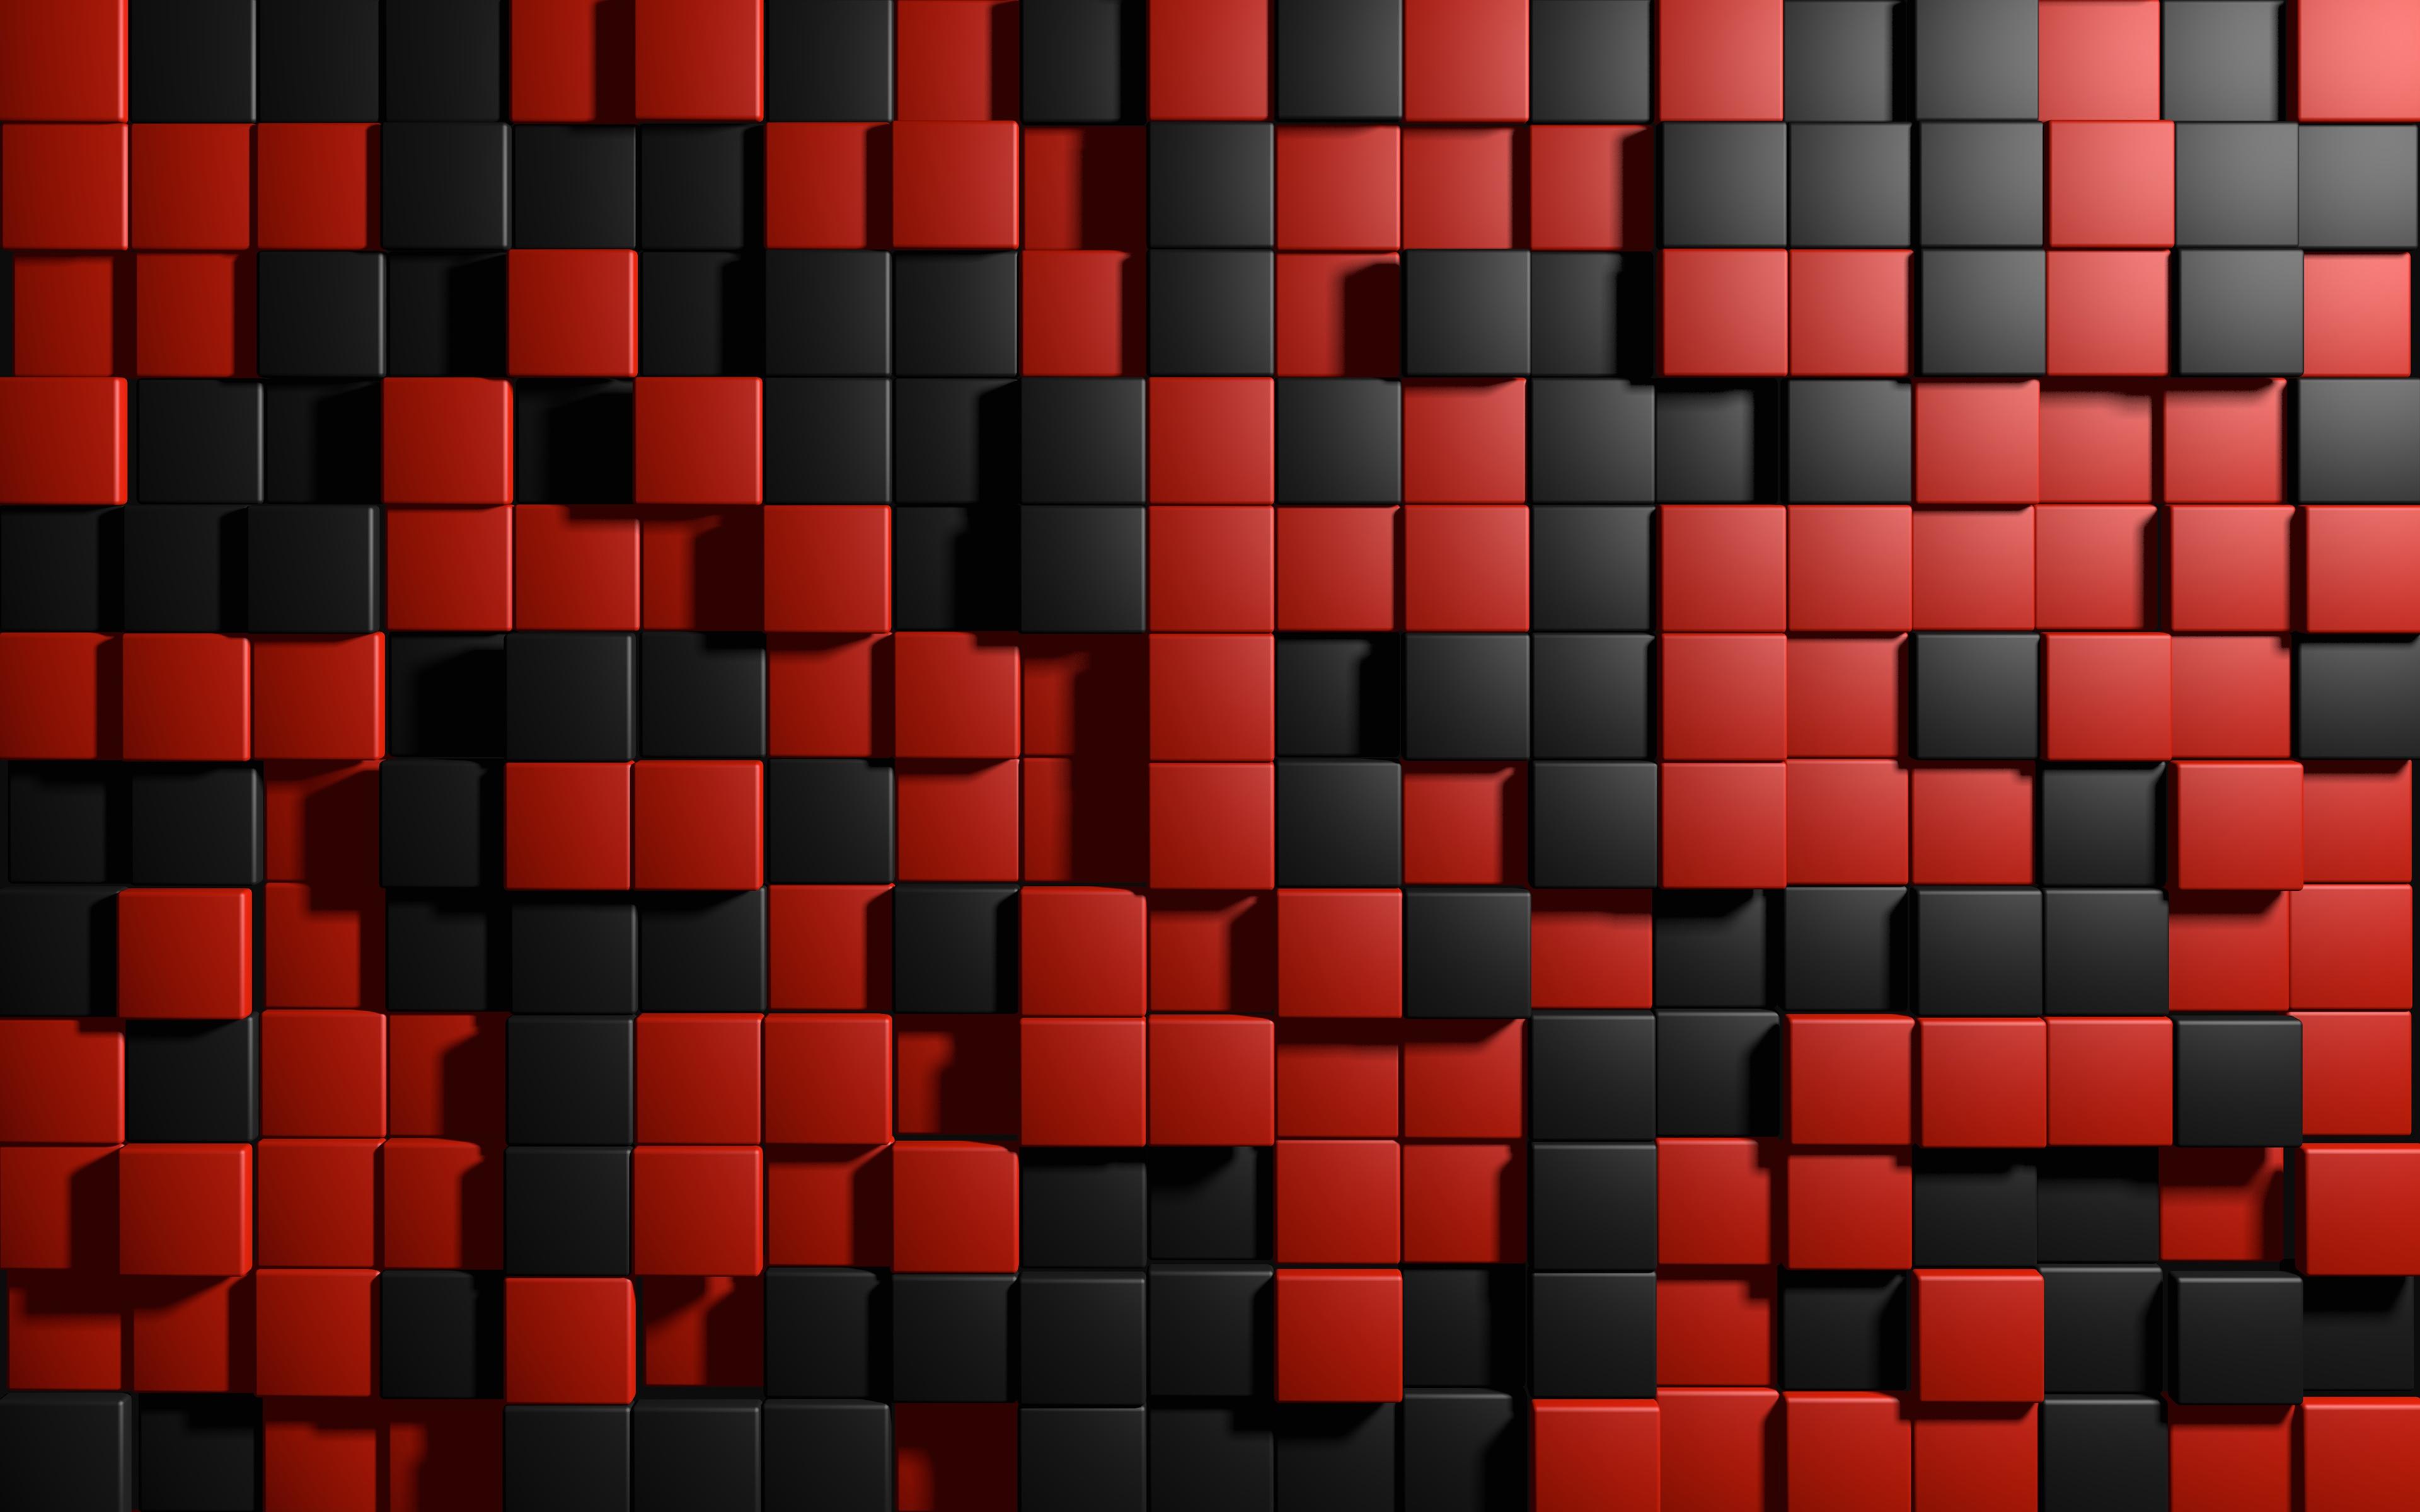 квадраты 3d графика бесплатно